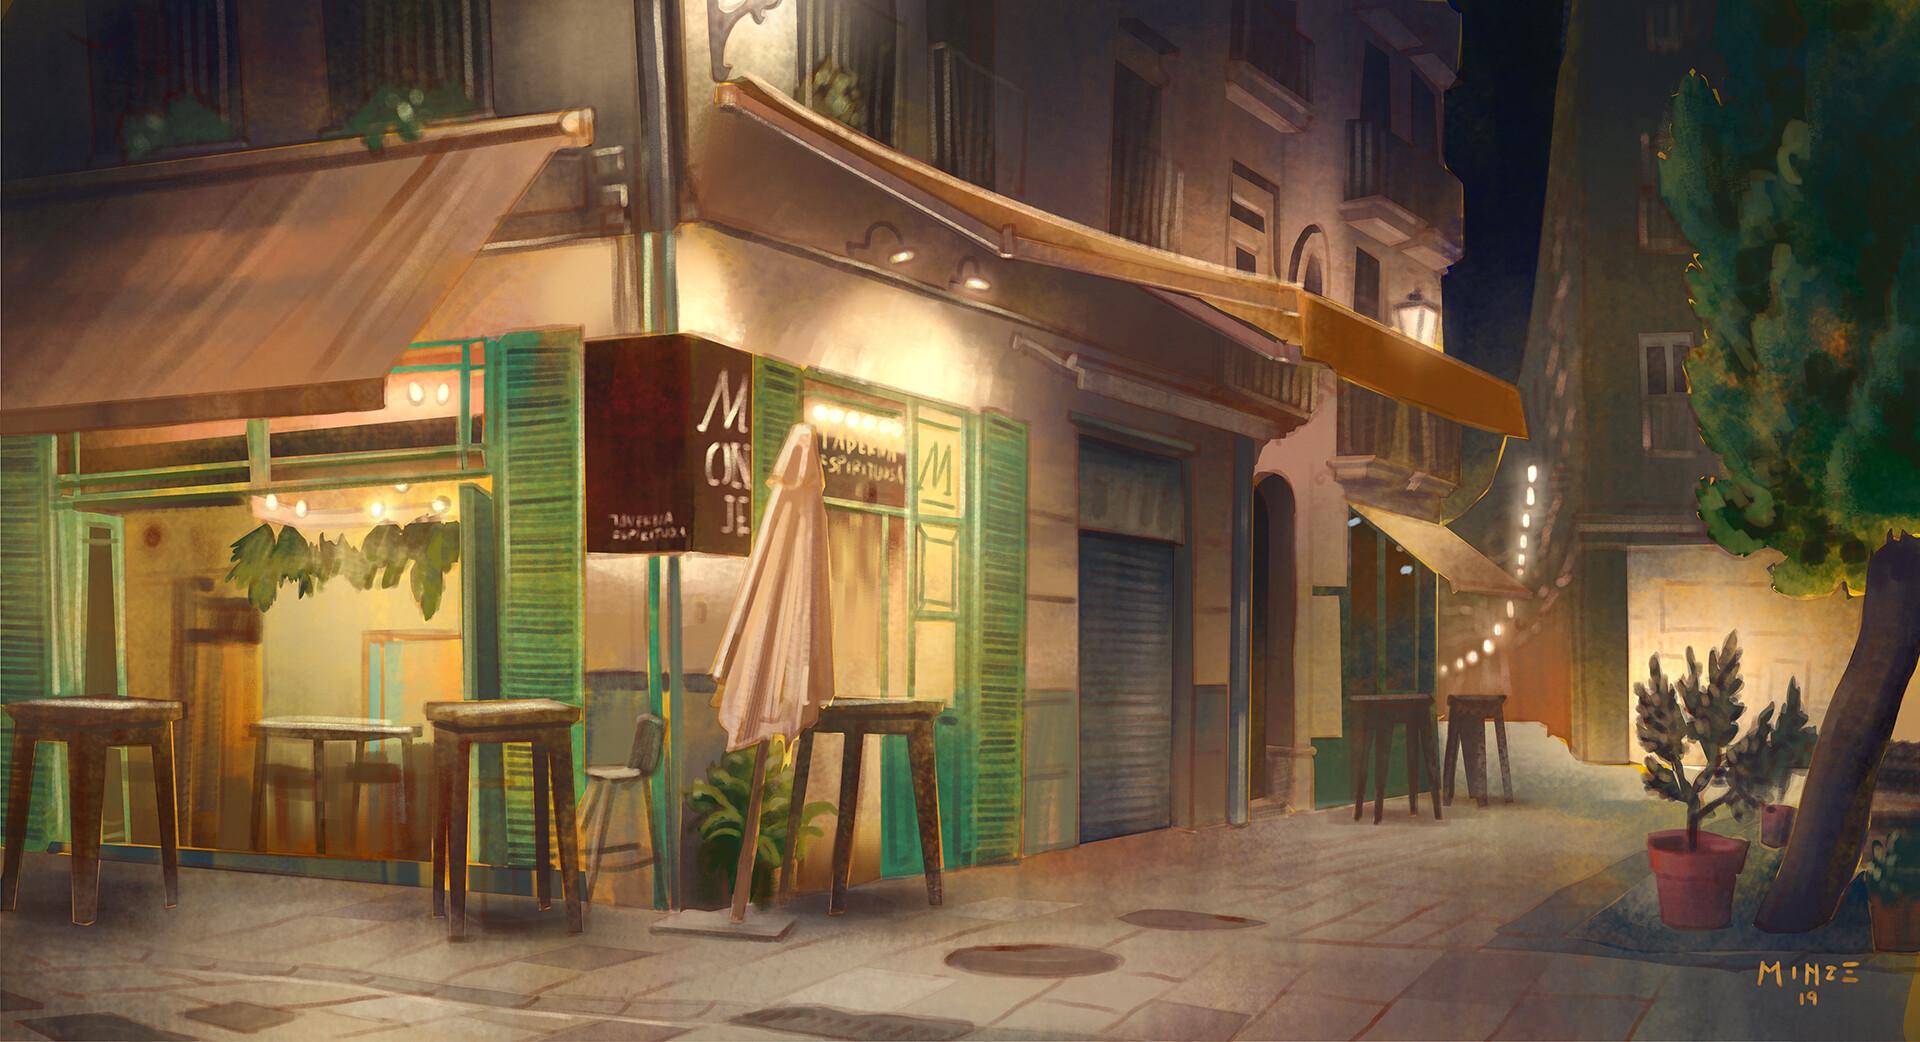 Alexander minze thumler restaurant2